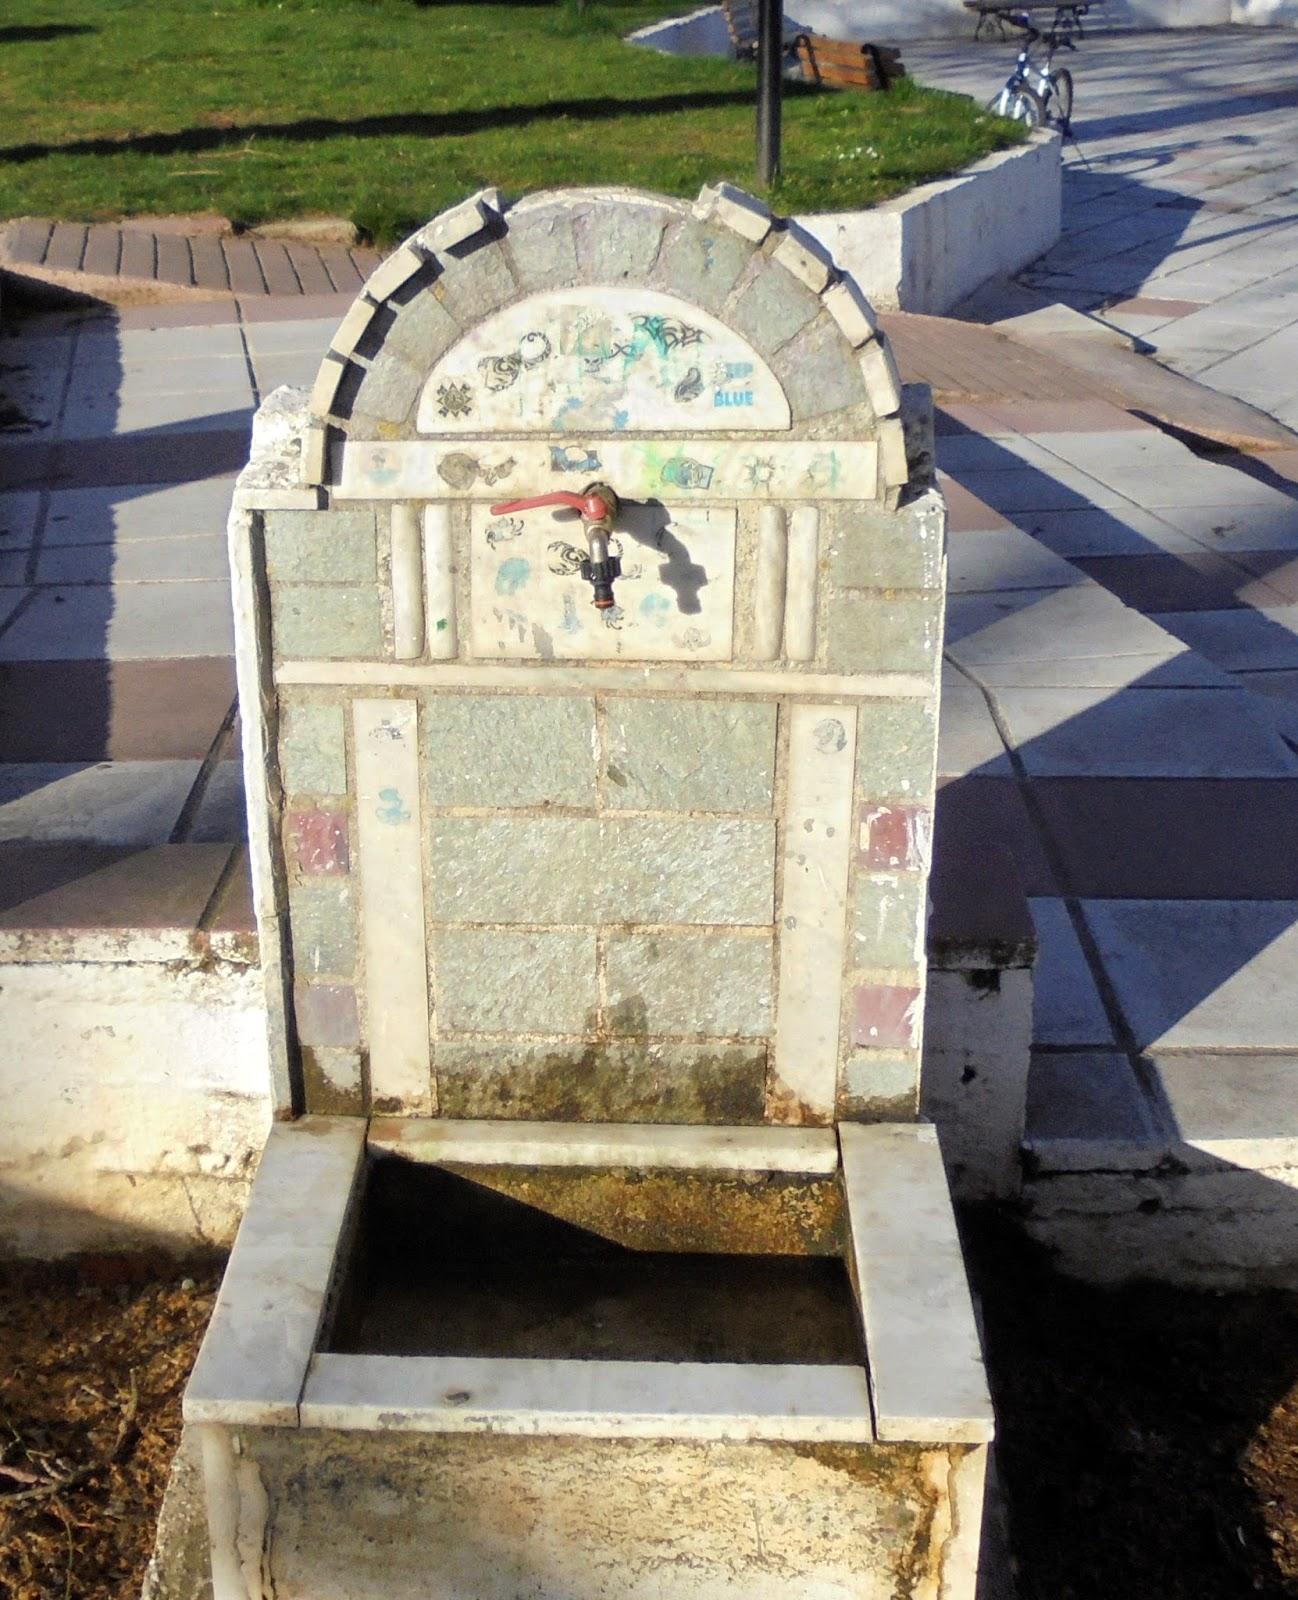 κρήνη στην κεντρική πλατεία του Μηλοχωρίου της Εορδαίας